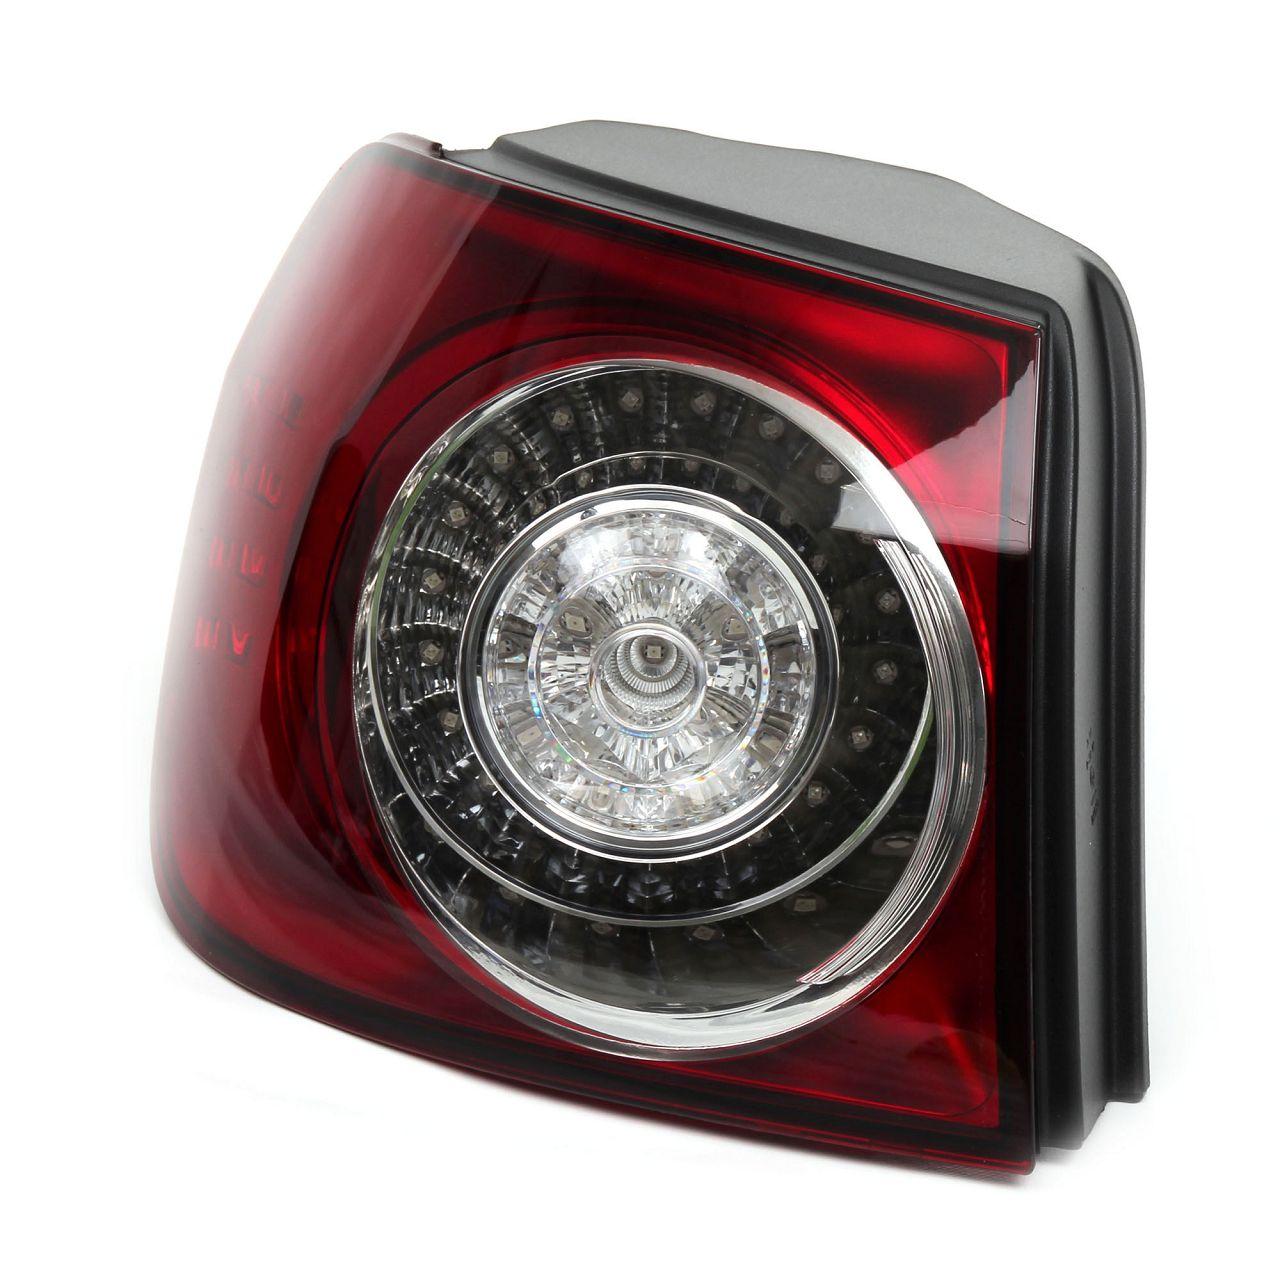 2x VALEO Rückleuchte LED für VW GOLF PLUS (5M1, 521) bis 2009 hinten außen